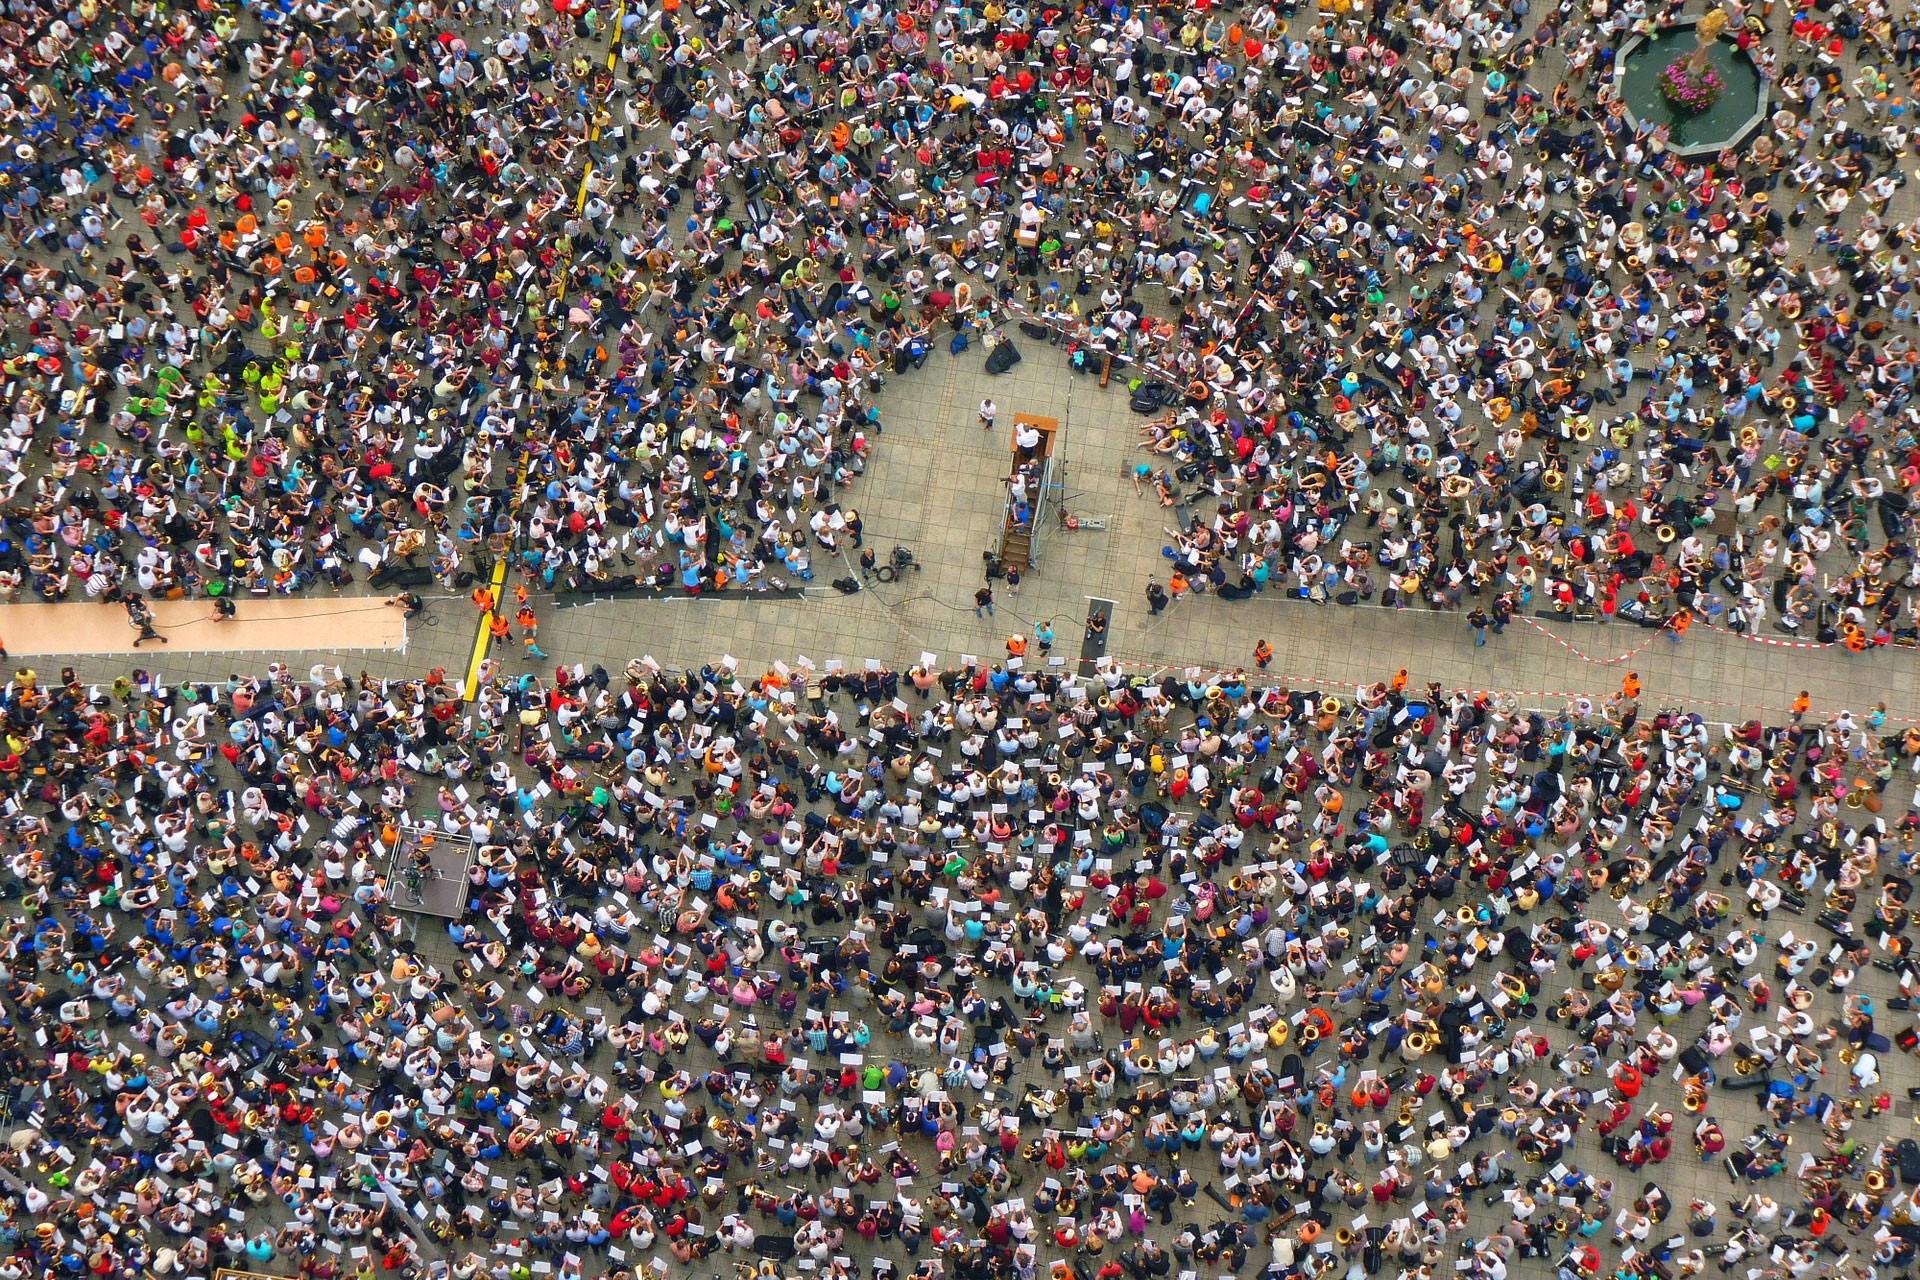 Sri Lanka'da doktorlar ücret artışı talebiyle greve çıktı